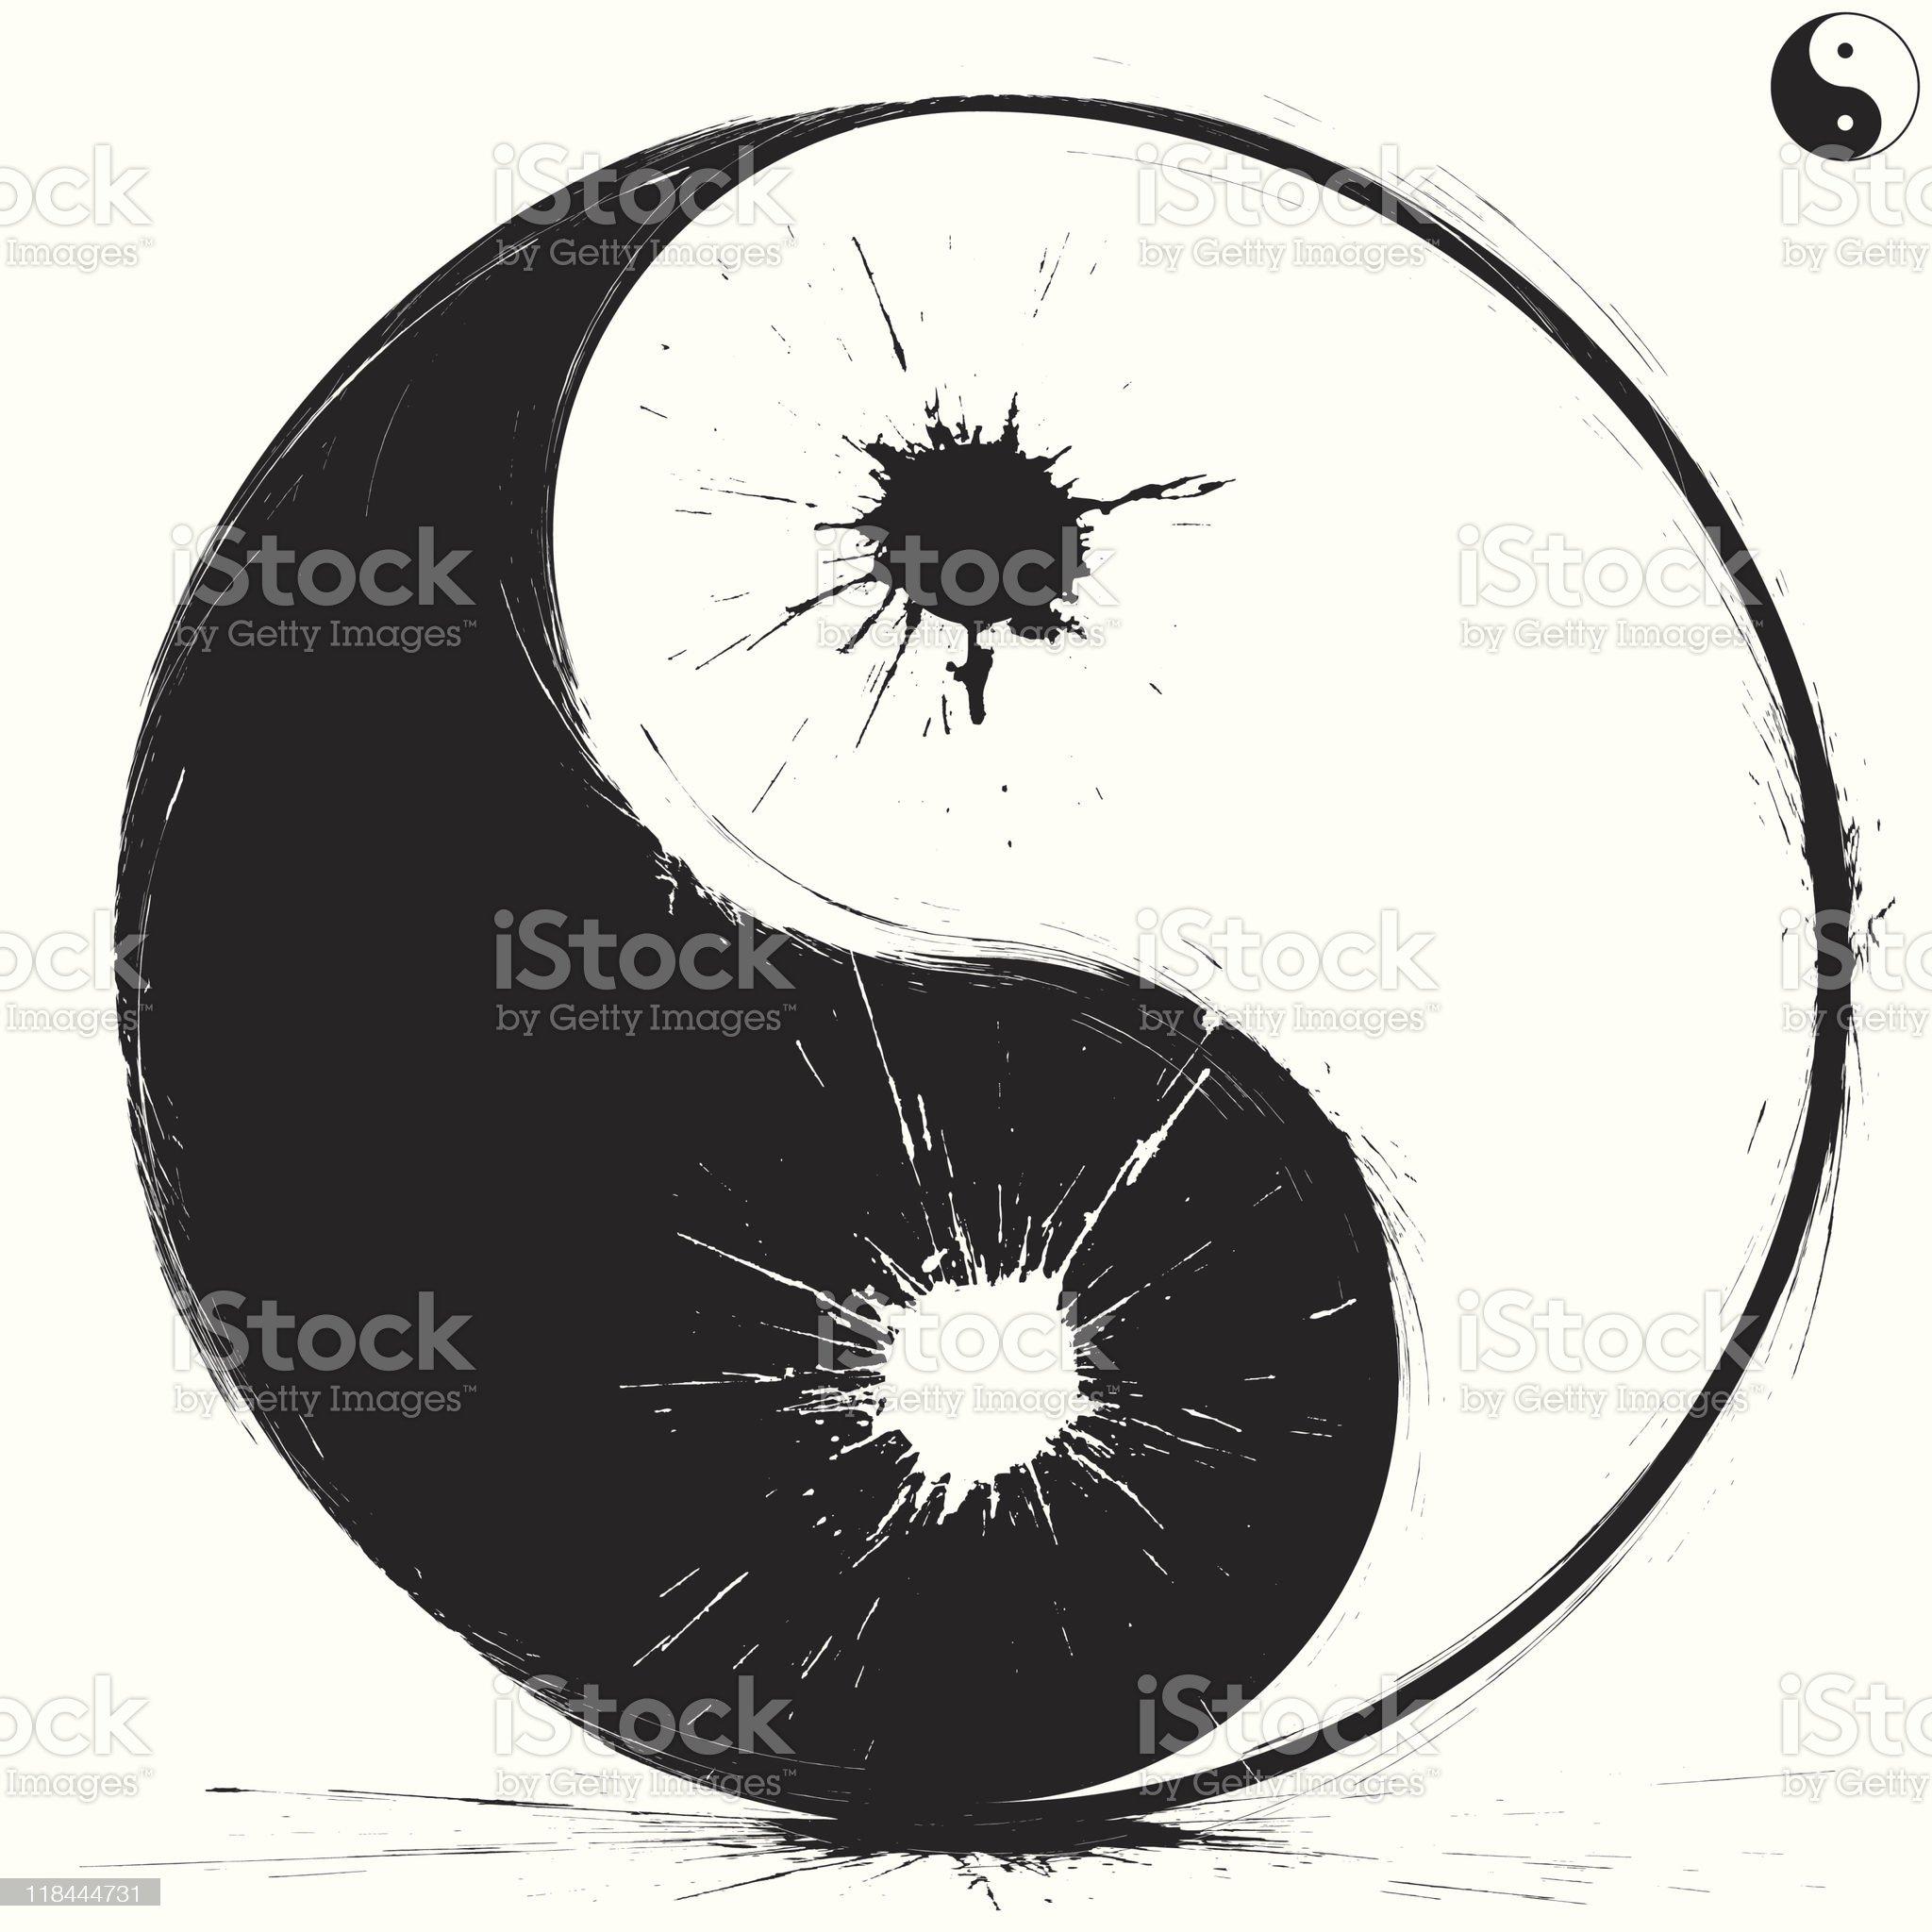 Yin and Yang symbol royalty-free stock vector art